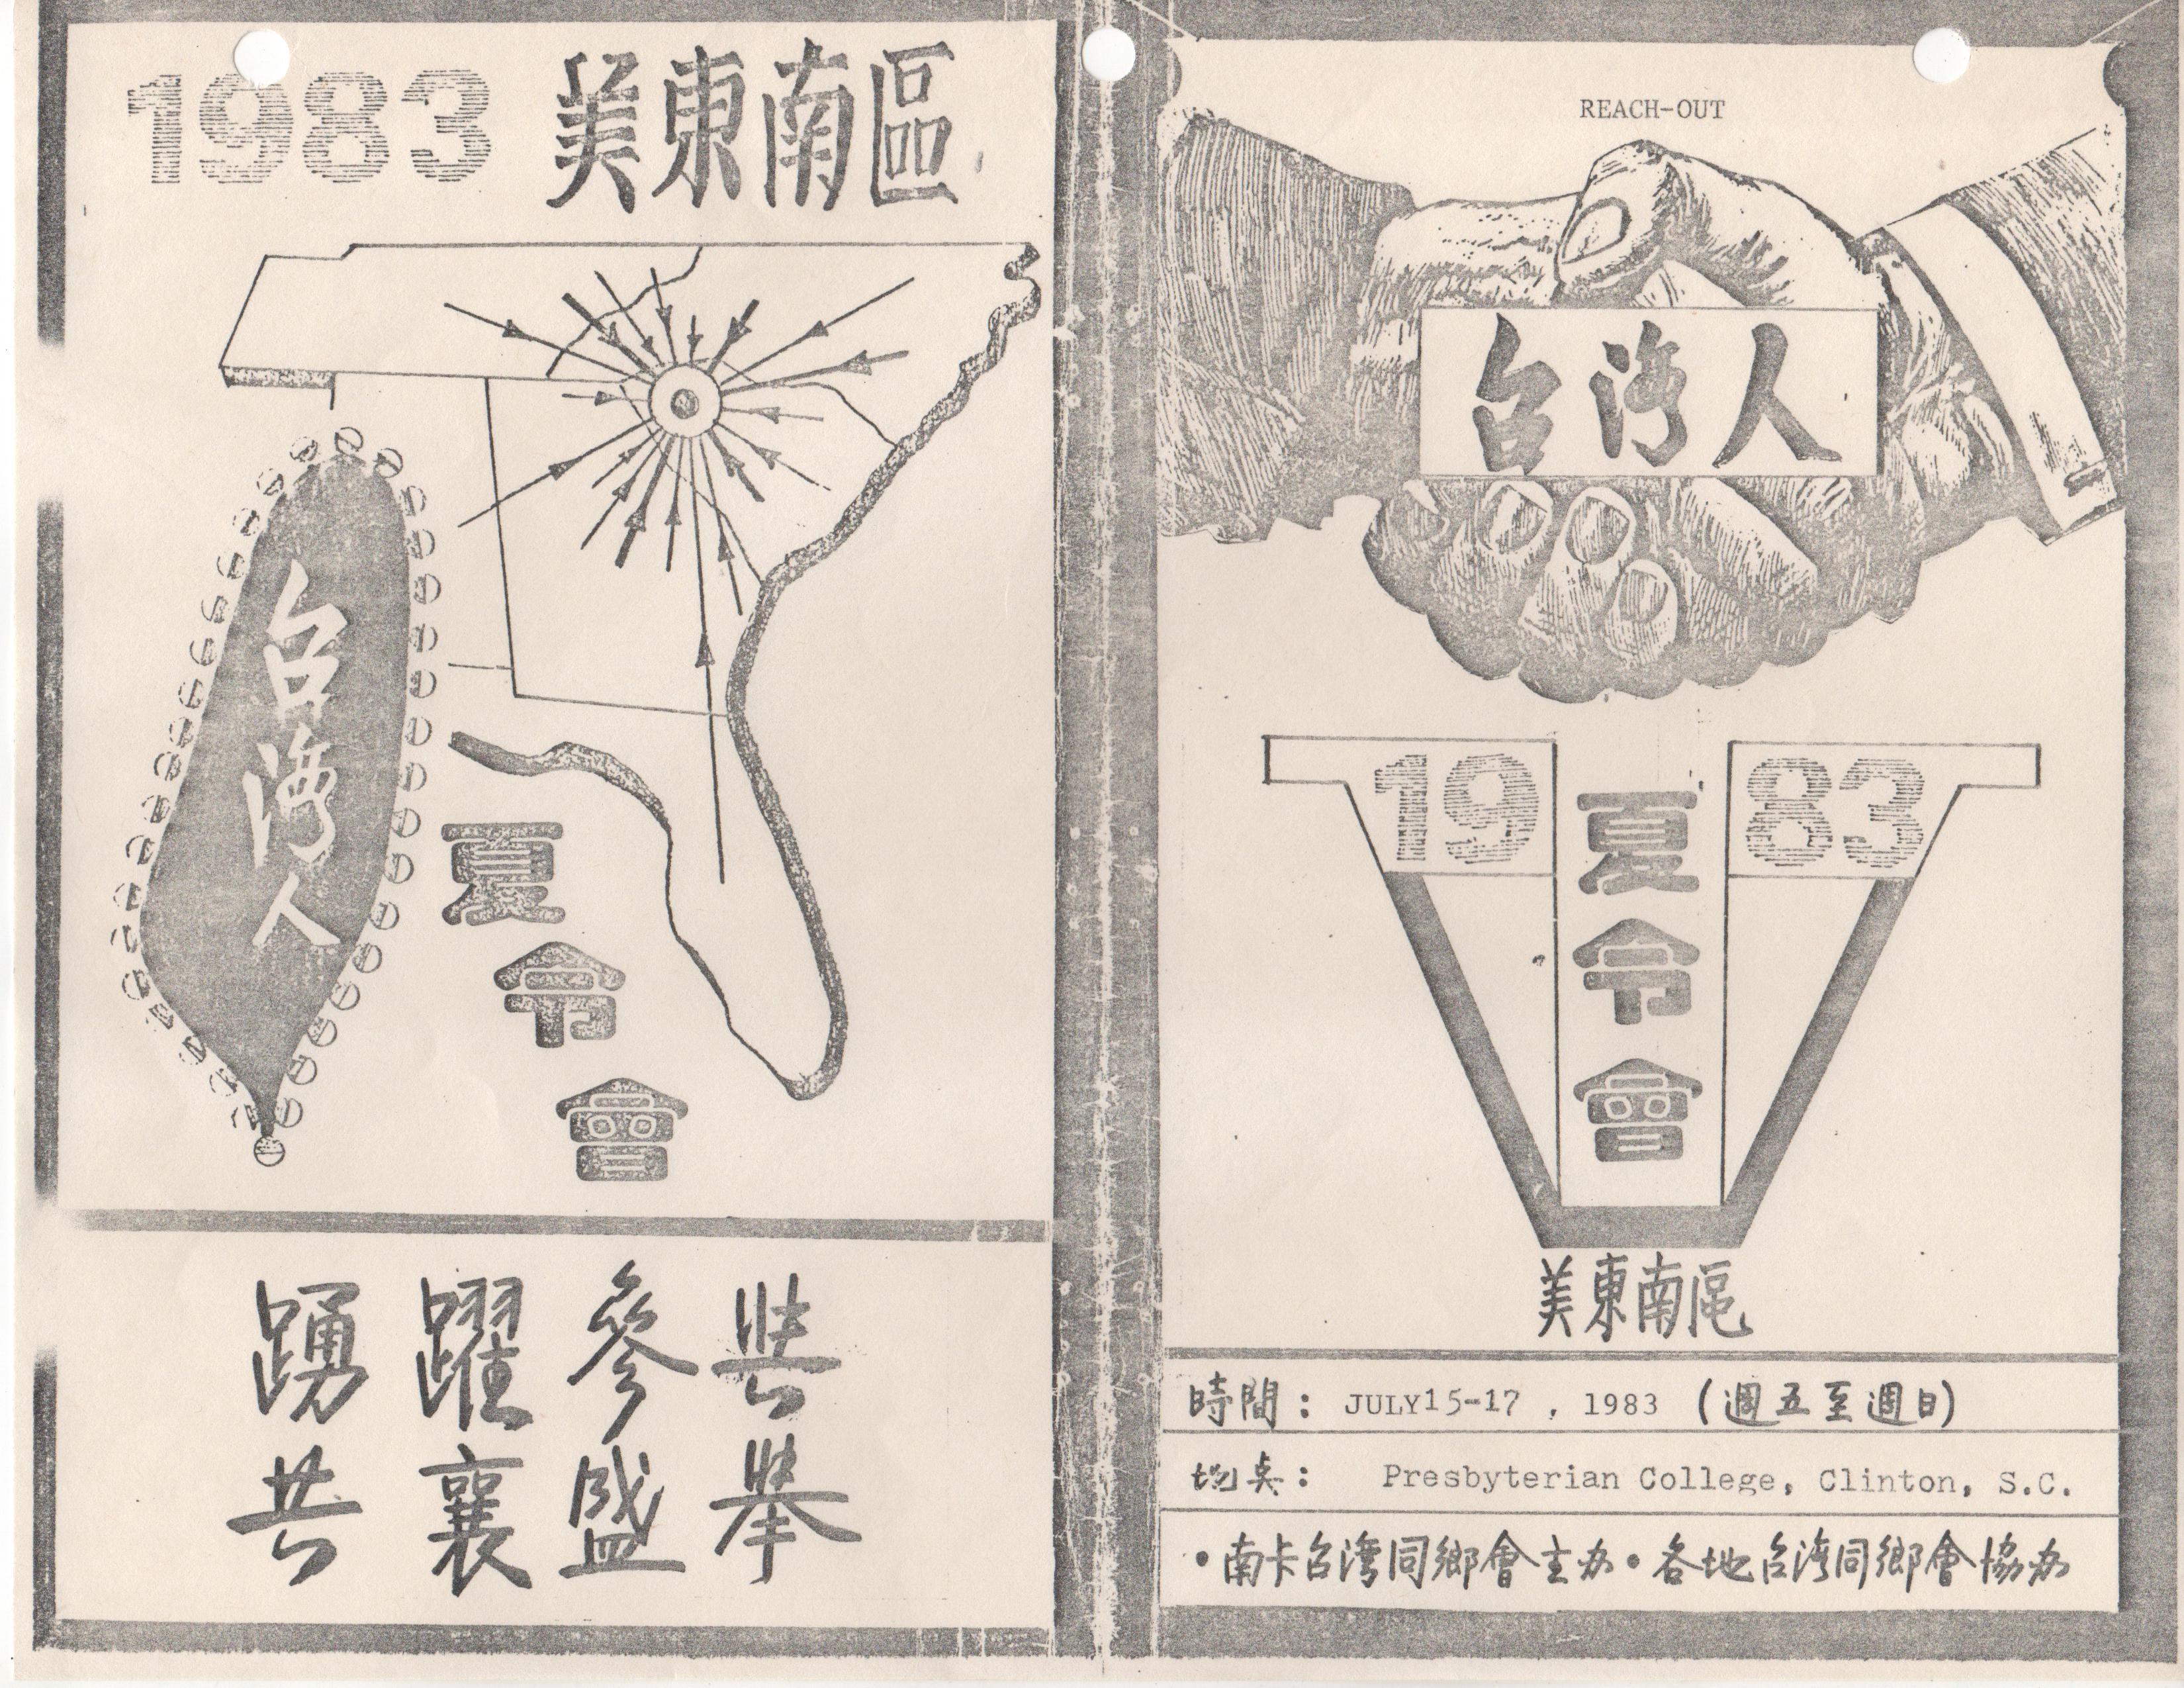 SETAA 1983